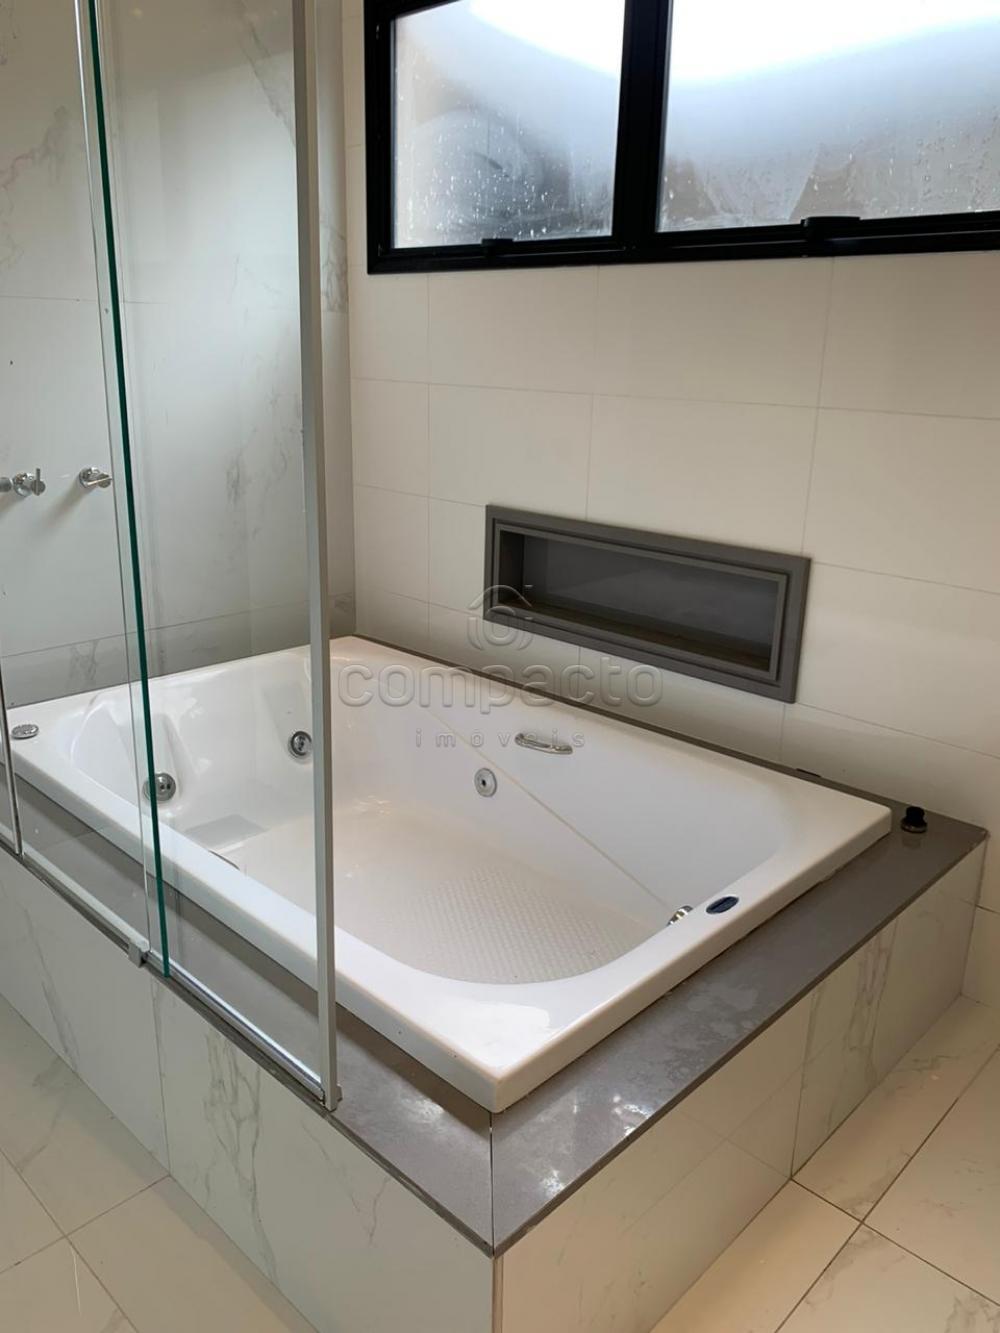 Comprar Casa / Condomínio em São José do Rio Preto apenas R$ 970.000,00 - Foto 8